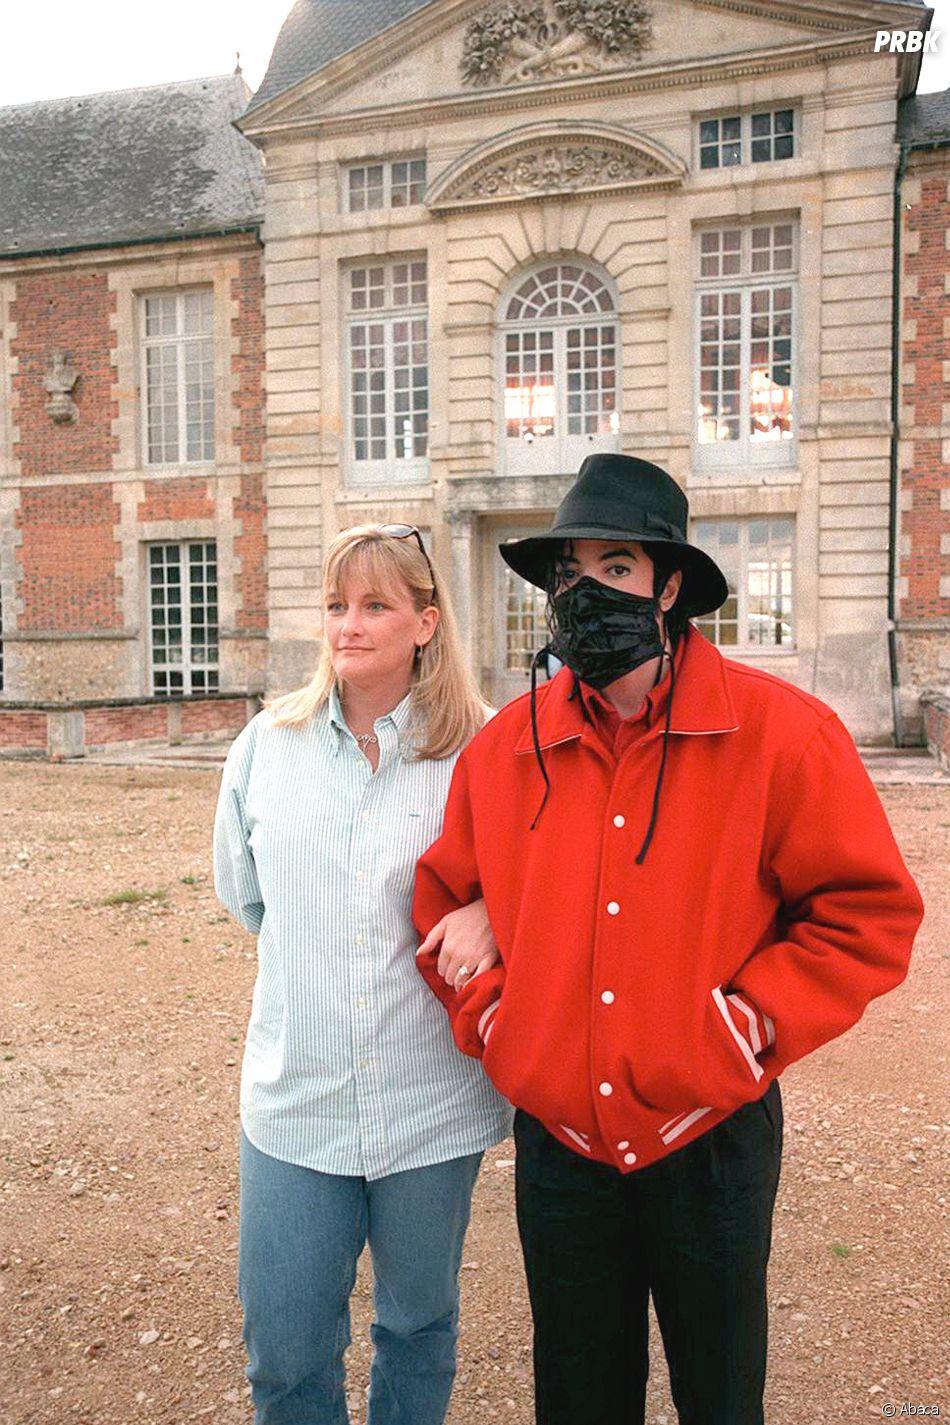 Michael Jackson et son ex femme Debbie Rowe : ils ont amis avant de se marier en 1996.